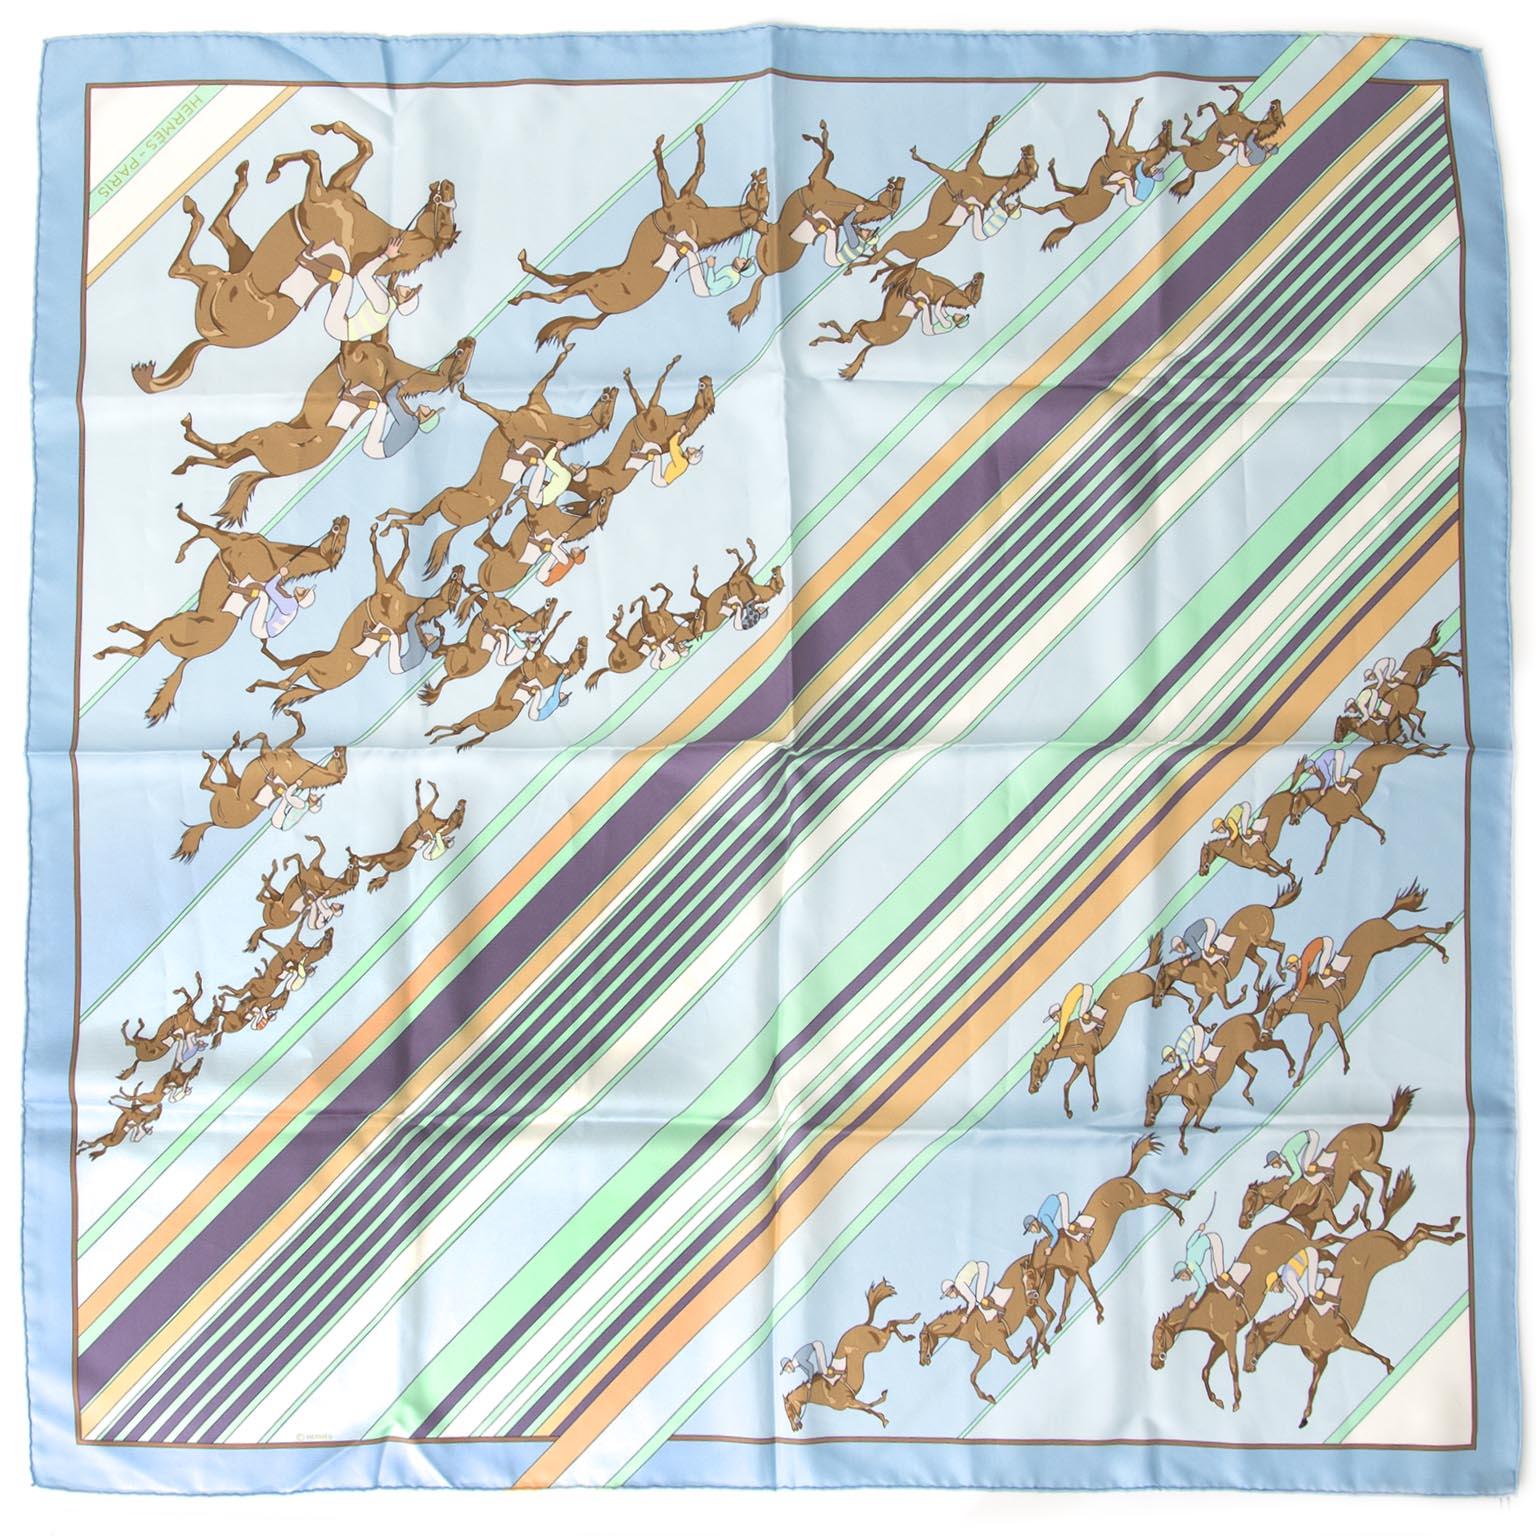 Authentieke Hermès sjaal voor de juiste prijs bij LabelLOV vintage webshop. Veilig online winkelen. Luxe, vintage, mode. Antwerpen, België.